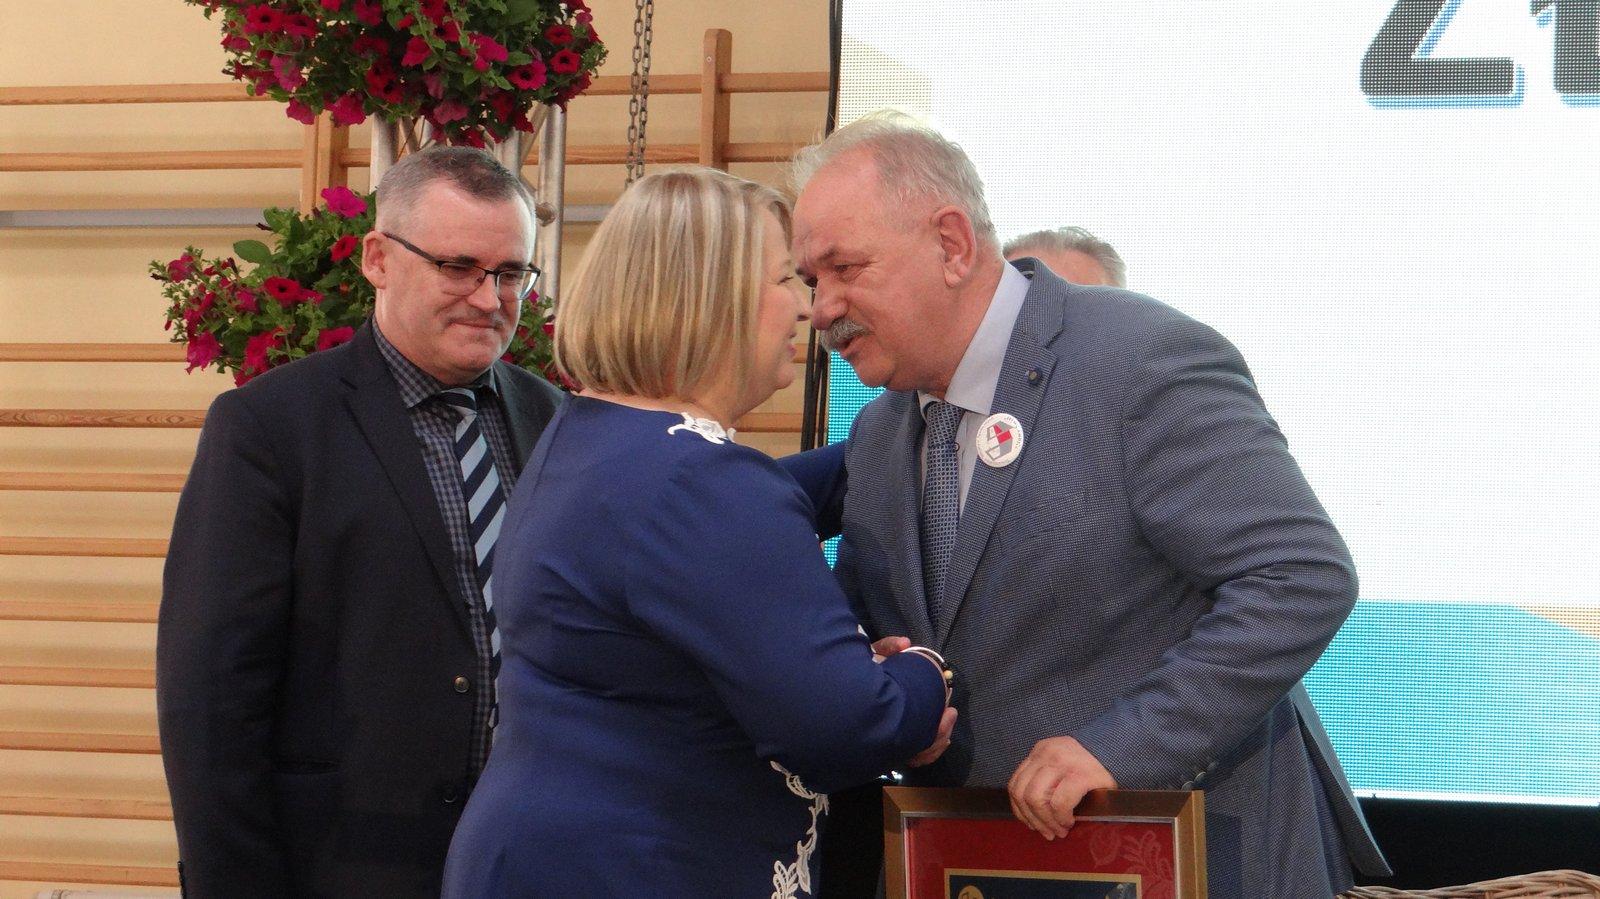 dsc09474 - Wielkopolska zaradność i pracowitość doceniona na Forum Wielkopolskiej Wsi Europejskiej